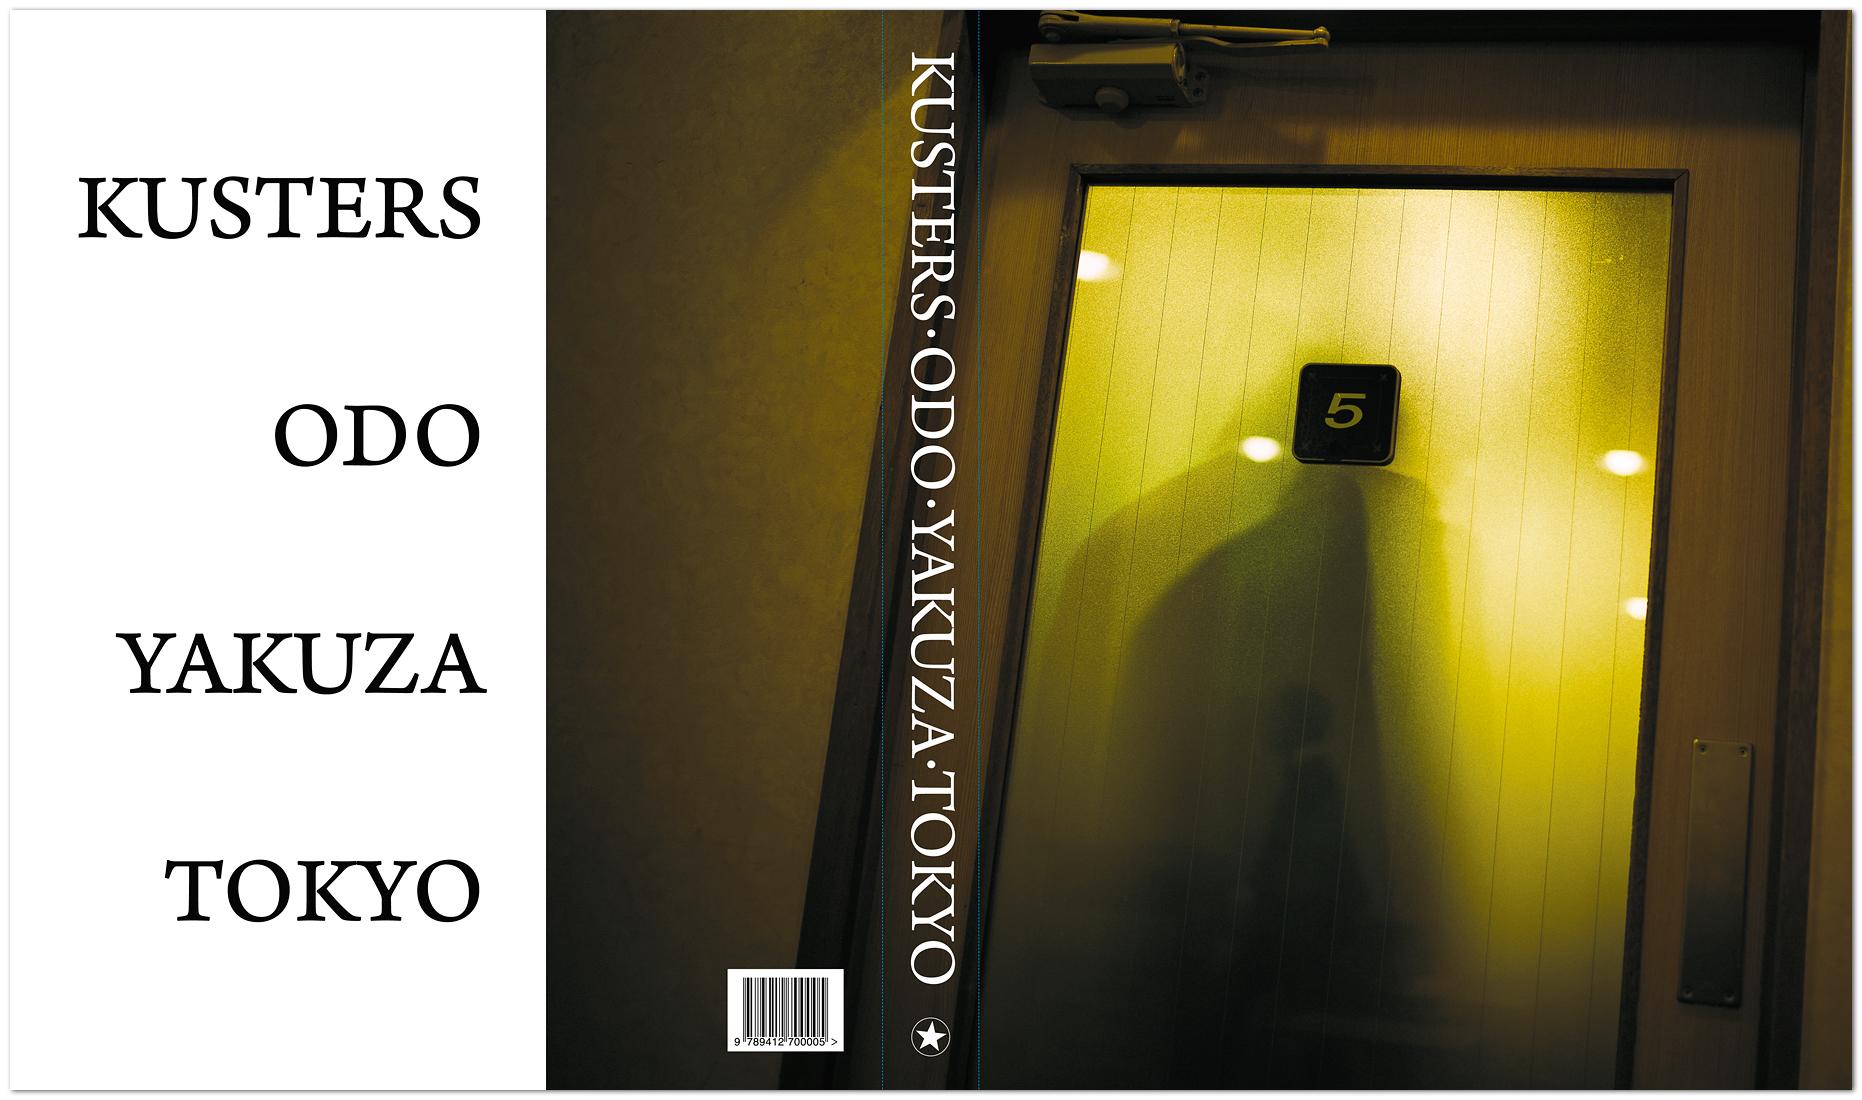 ODO YAKUZA TOKYO - book cover